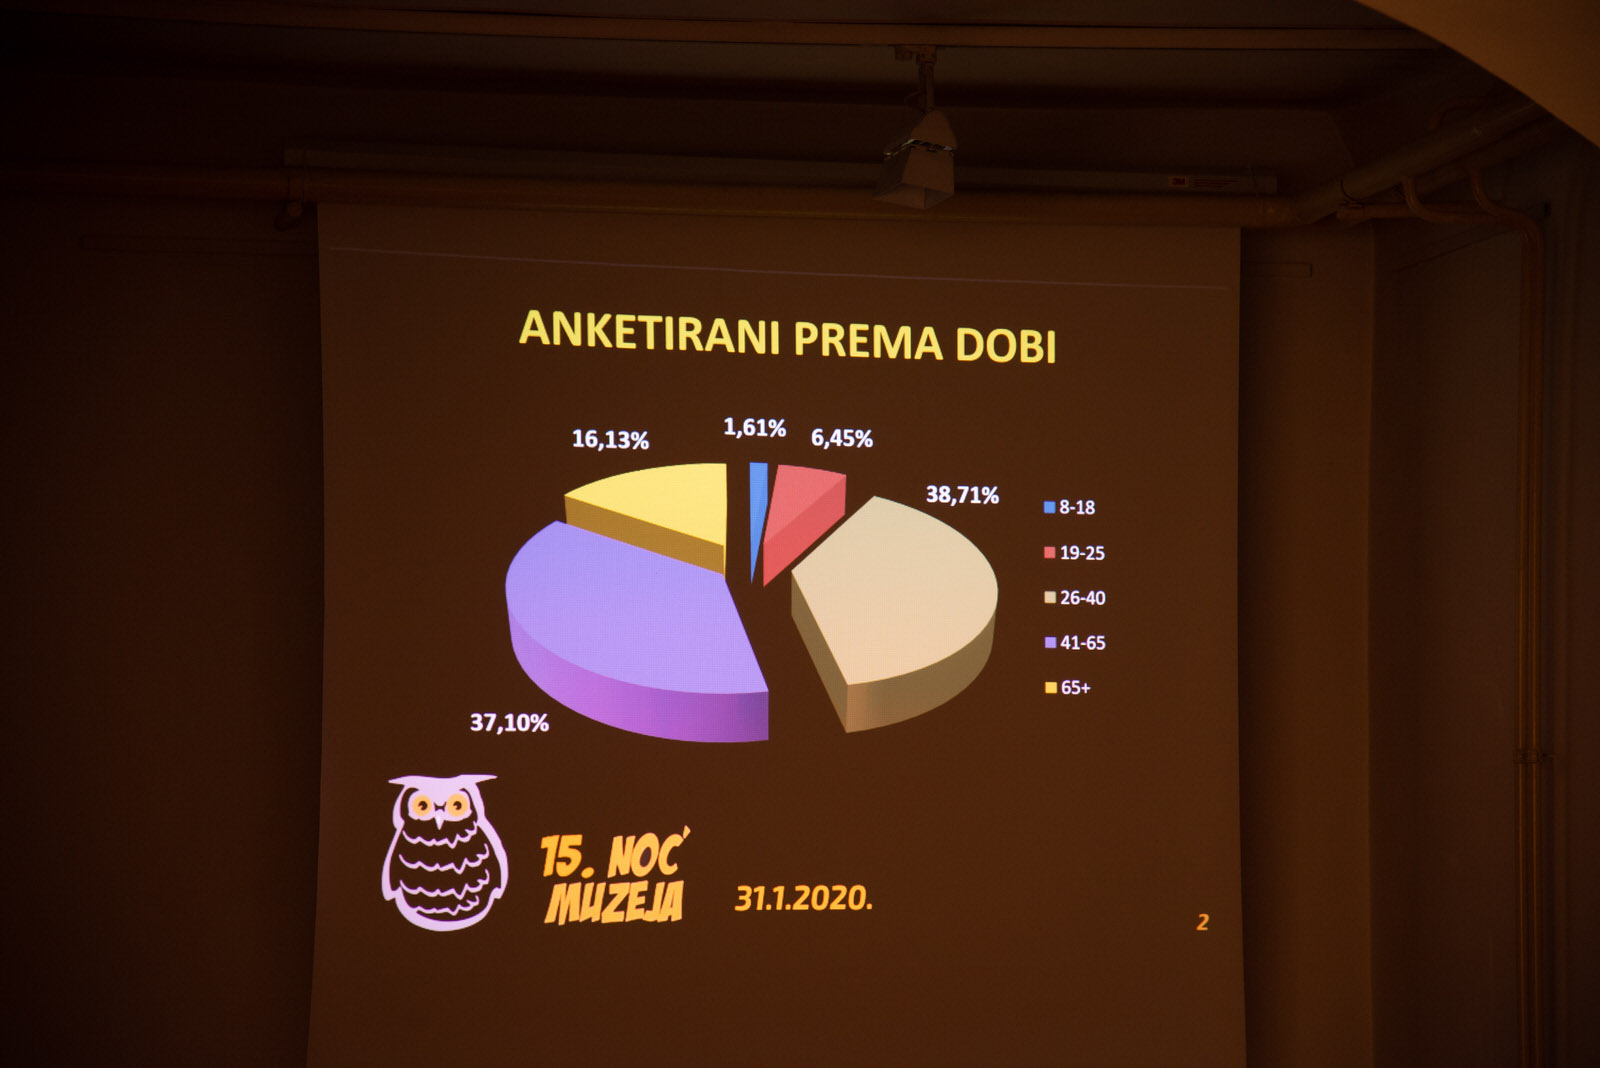 anketa rezultati (1)